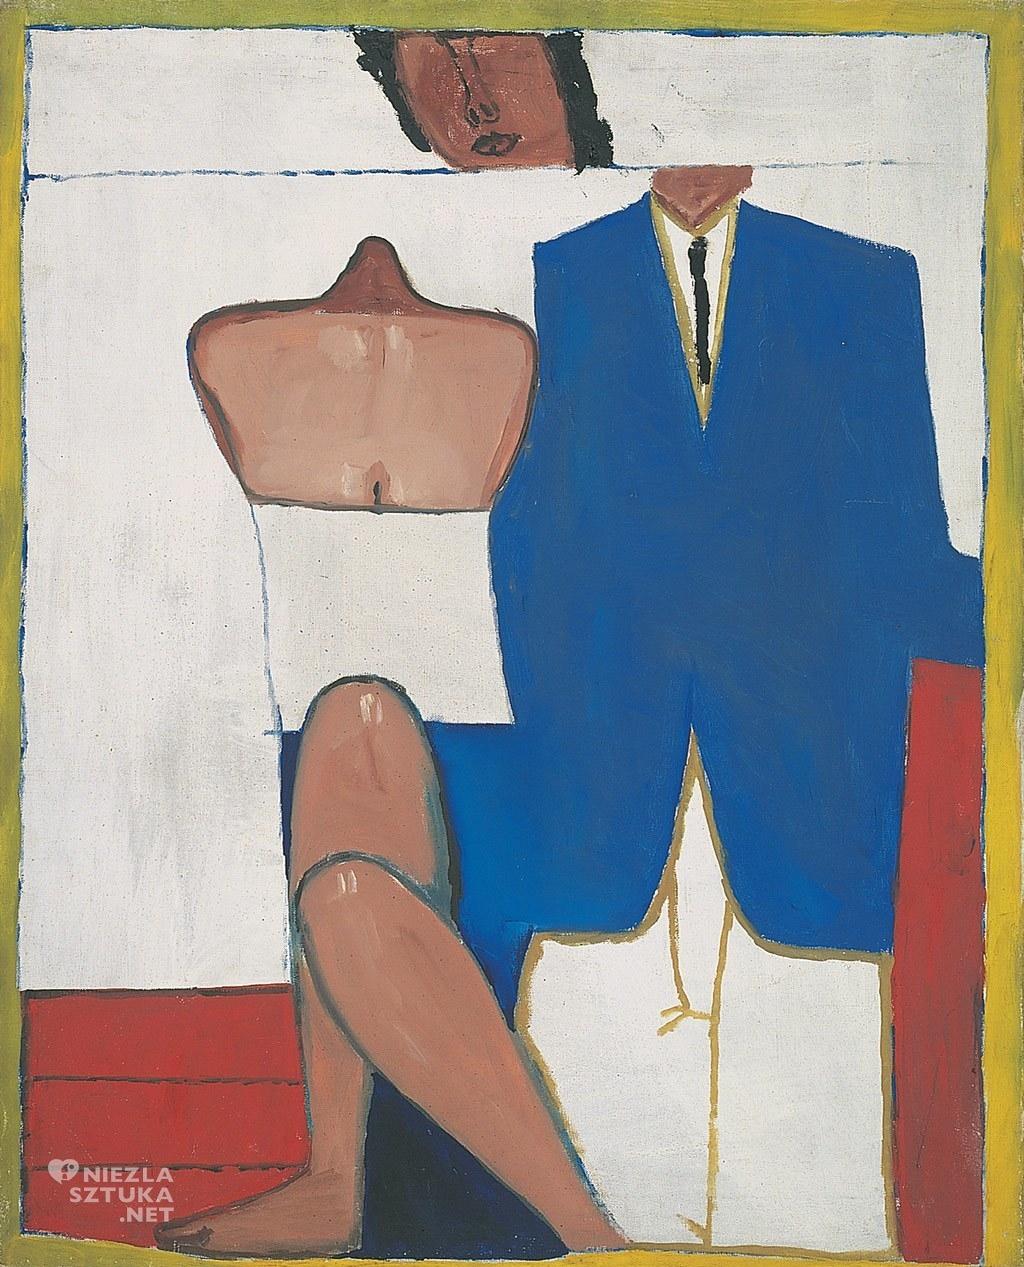 Jerzy Nowosielski, Portret ślubny | 1958, 79 x 64,5 cm, olej/płótno, Fundacja Nowosielskich